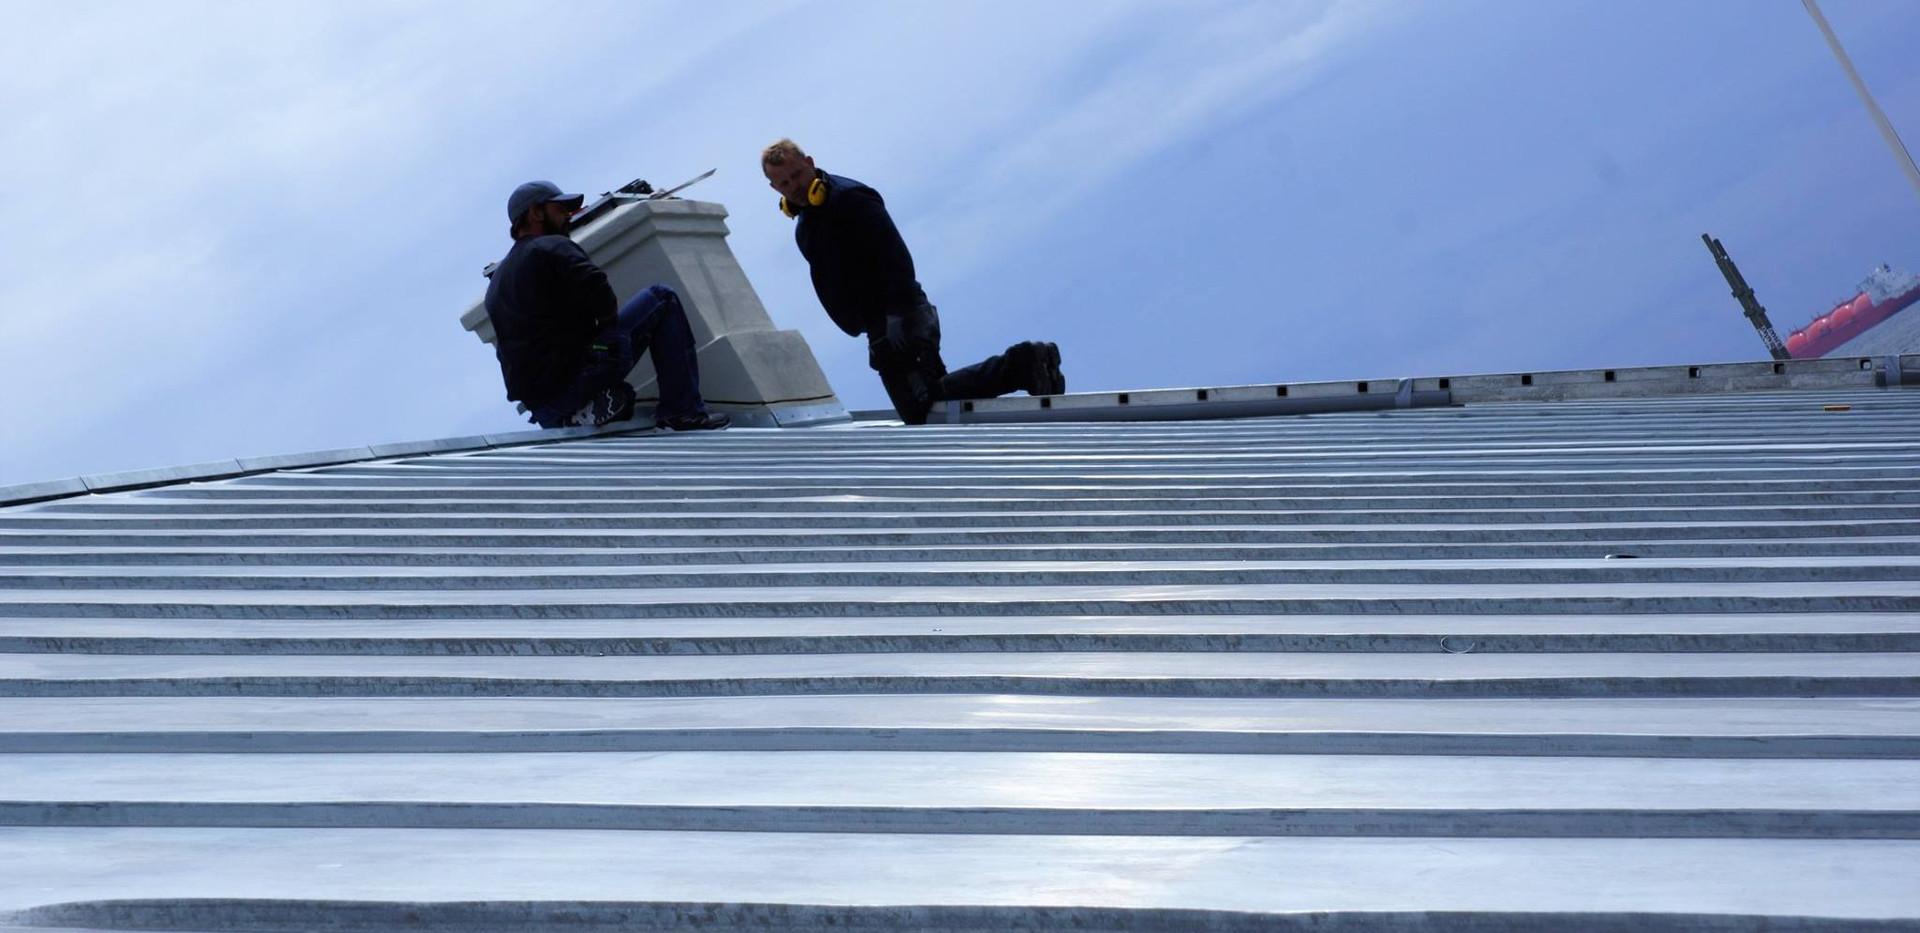 Blikkenslagere arbejder på Det Grå Fyr i Skagen